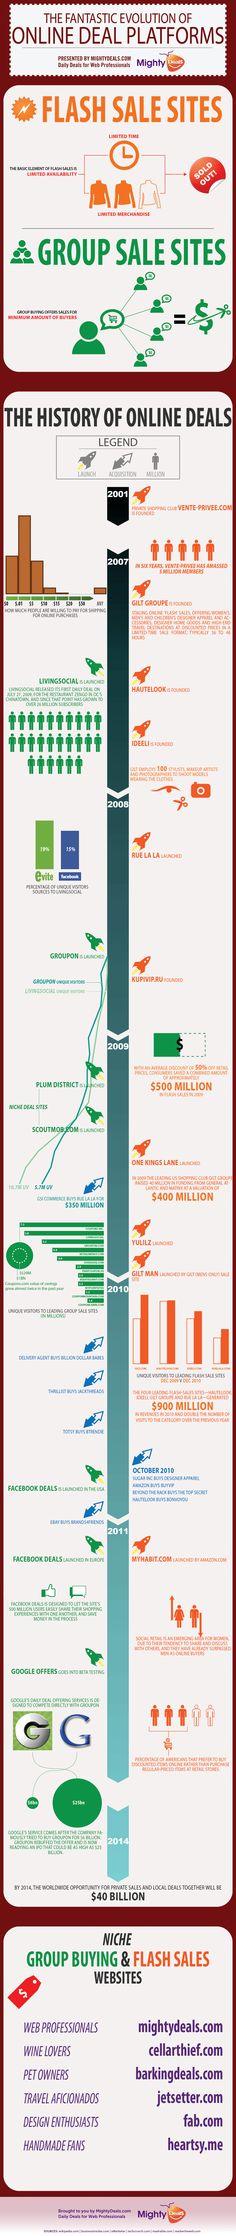 Evolution of online deal platforms